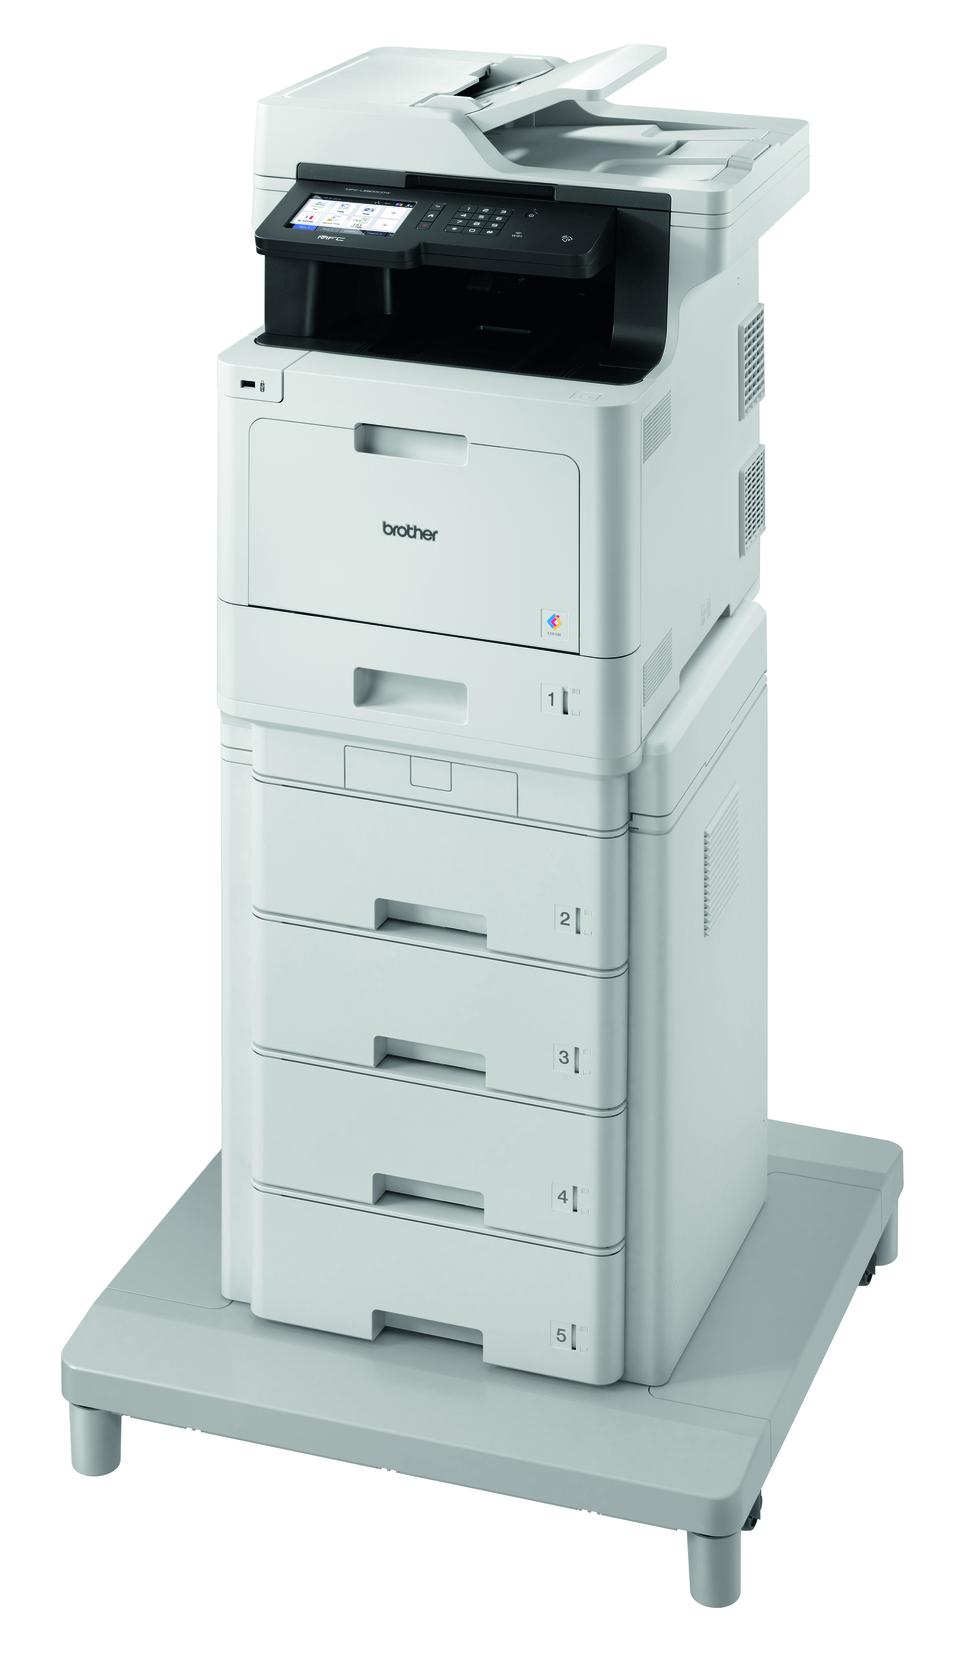 MFC-L8900CDWMT Profesionāla krāsu druka, abpusējas drukas funkcija, Wi-Fi, daudzfunkciju lāzerdrukas printeris + torņveida papīra padeve + torņveida papīra padeves savienotājs 2